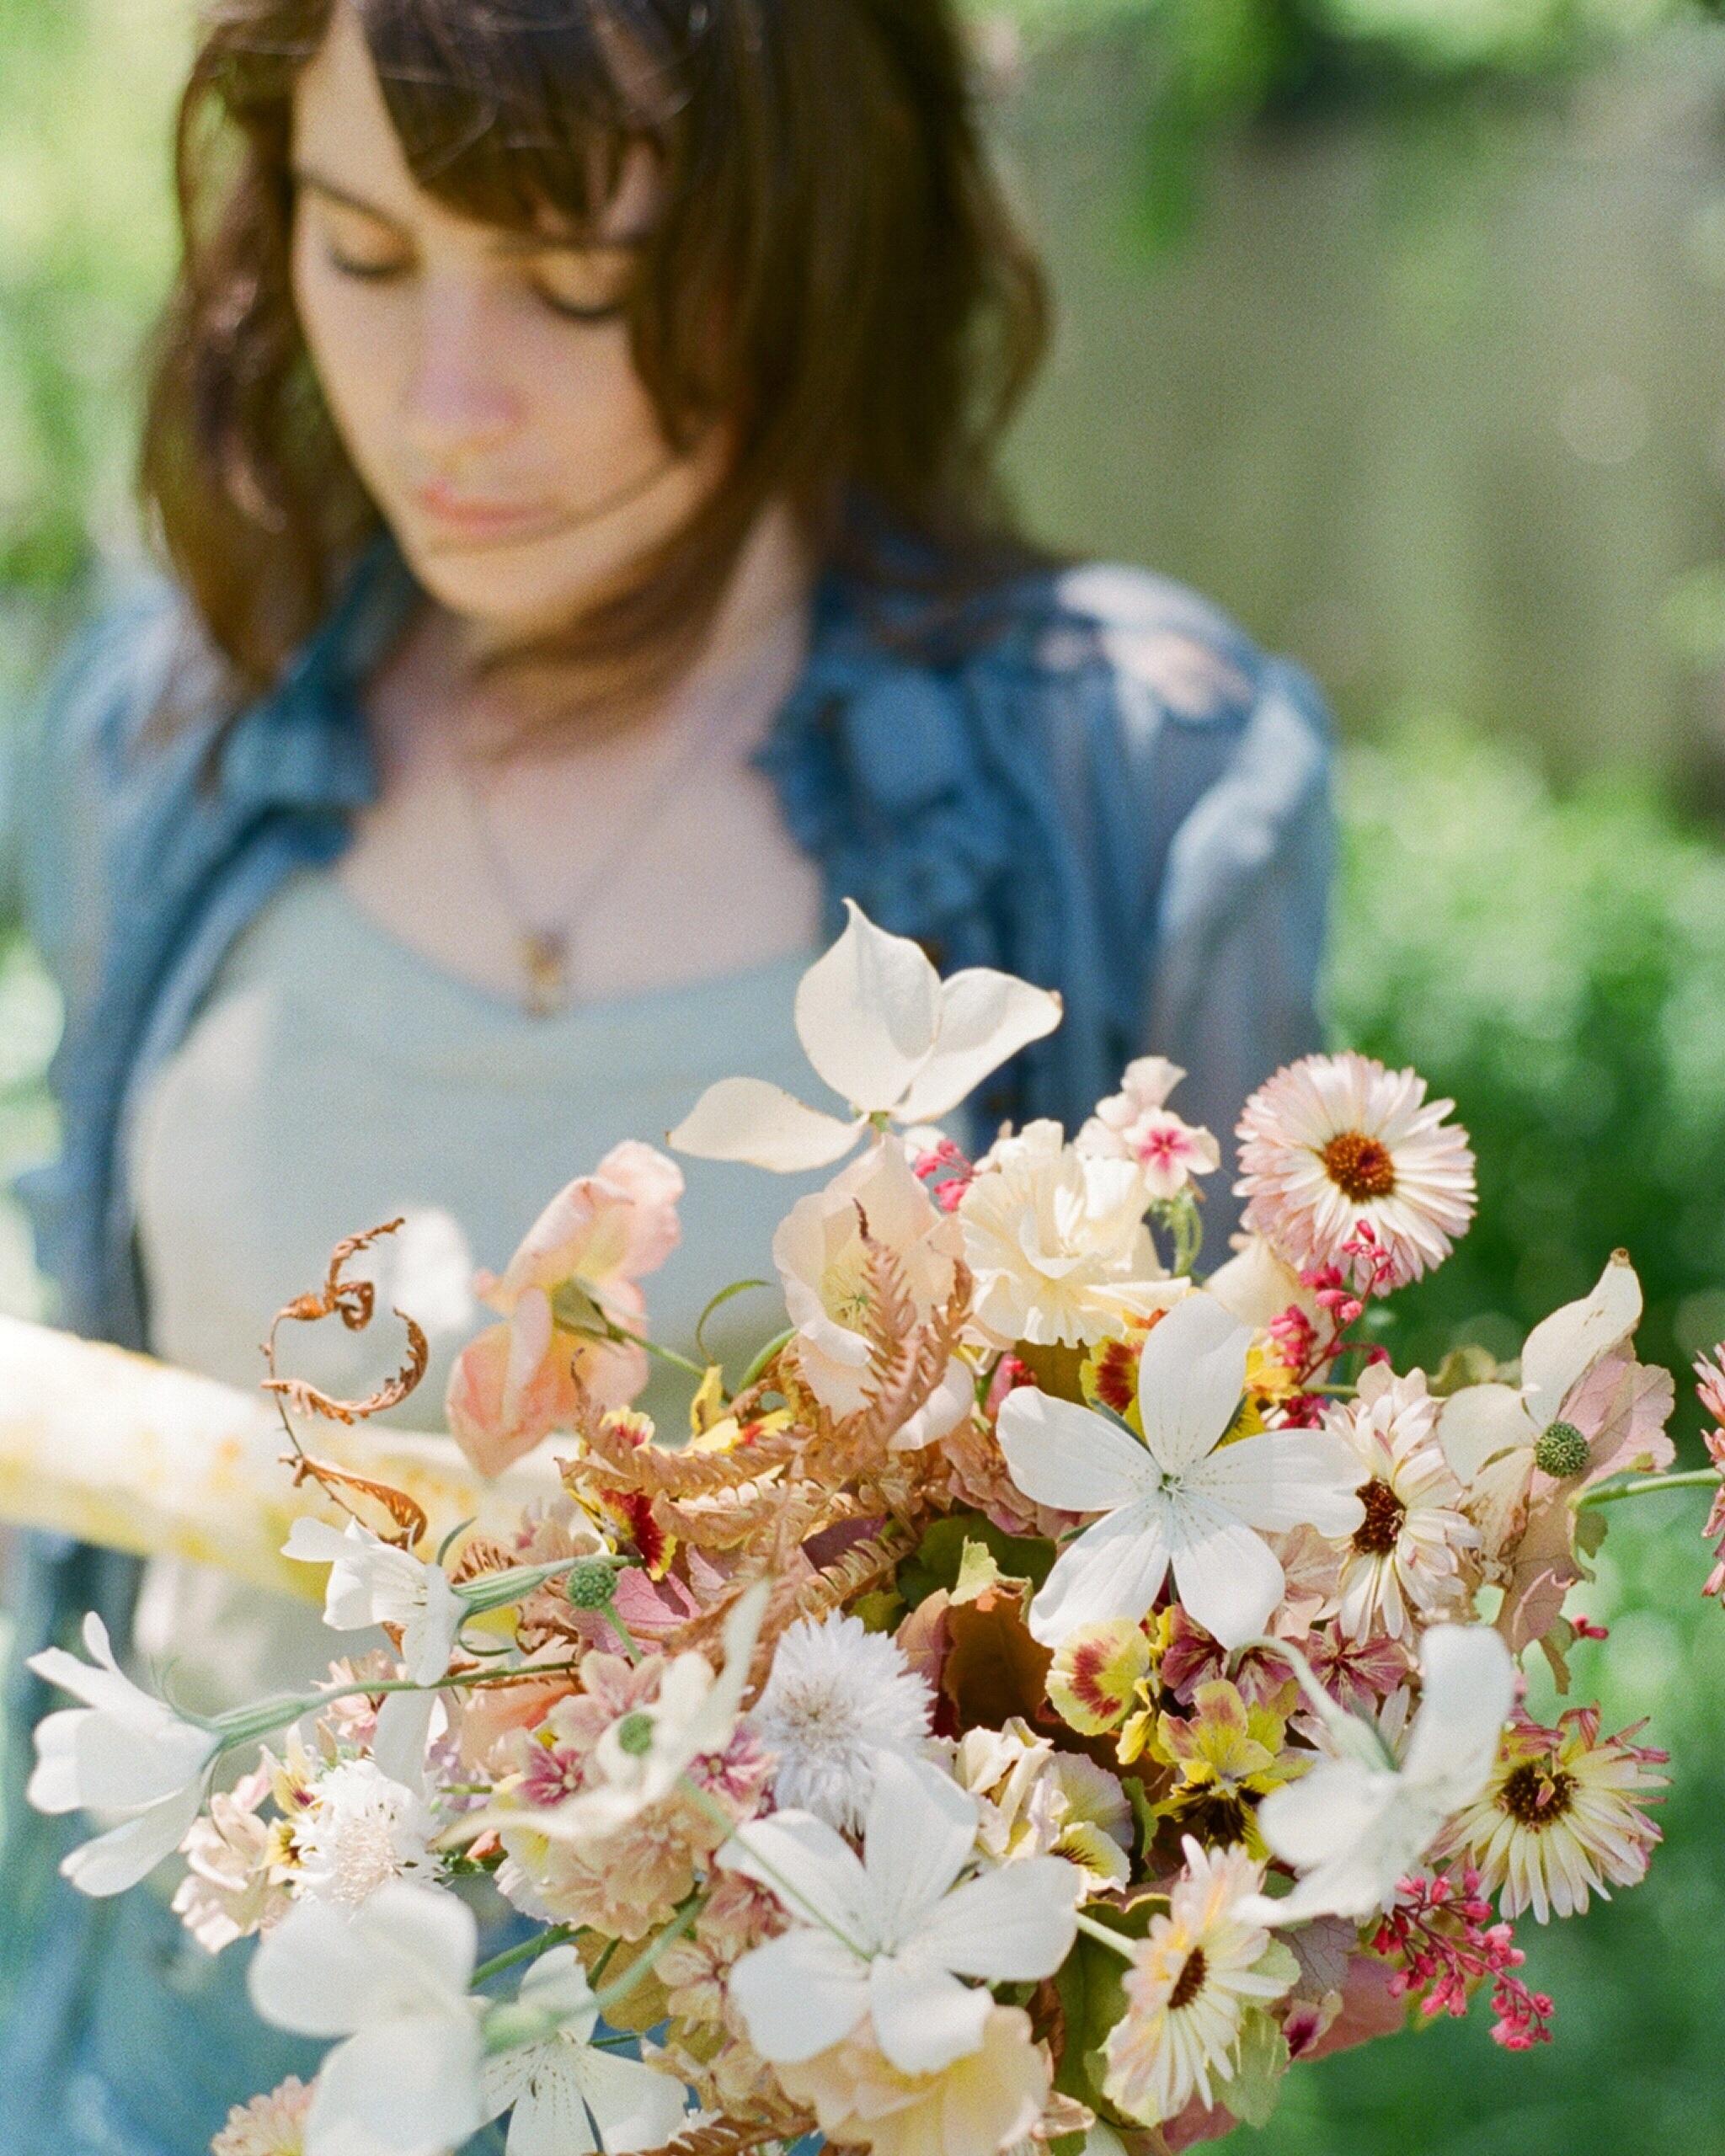 alice+beasley+flowers+floral+workshops+australia